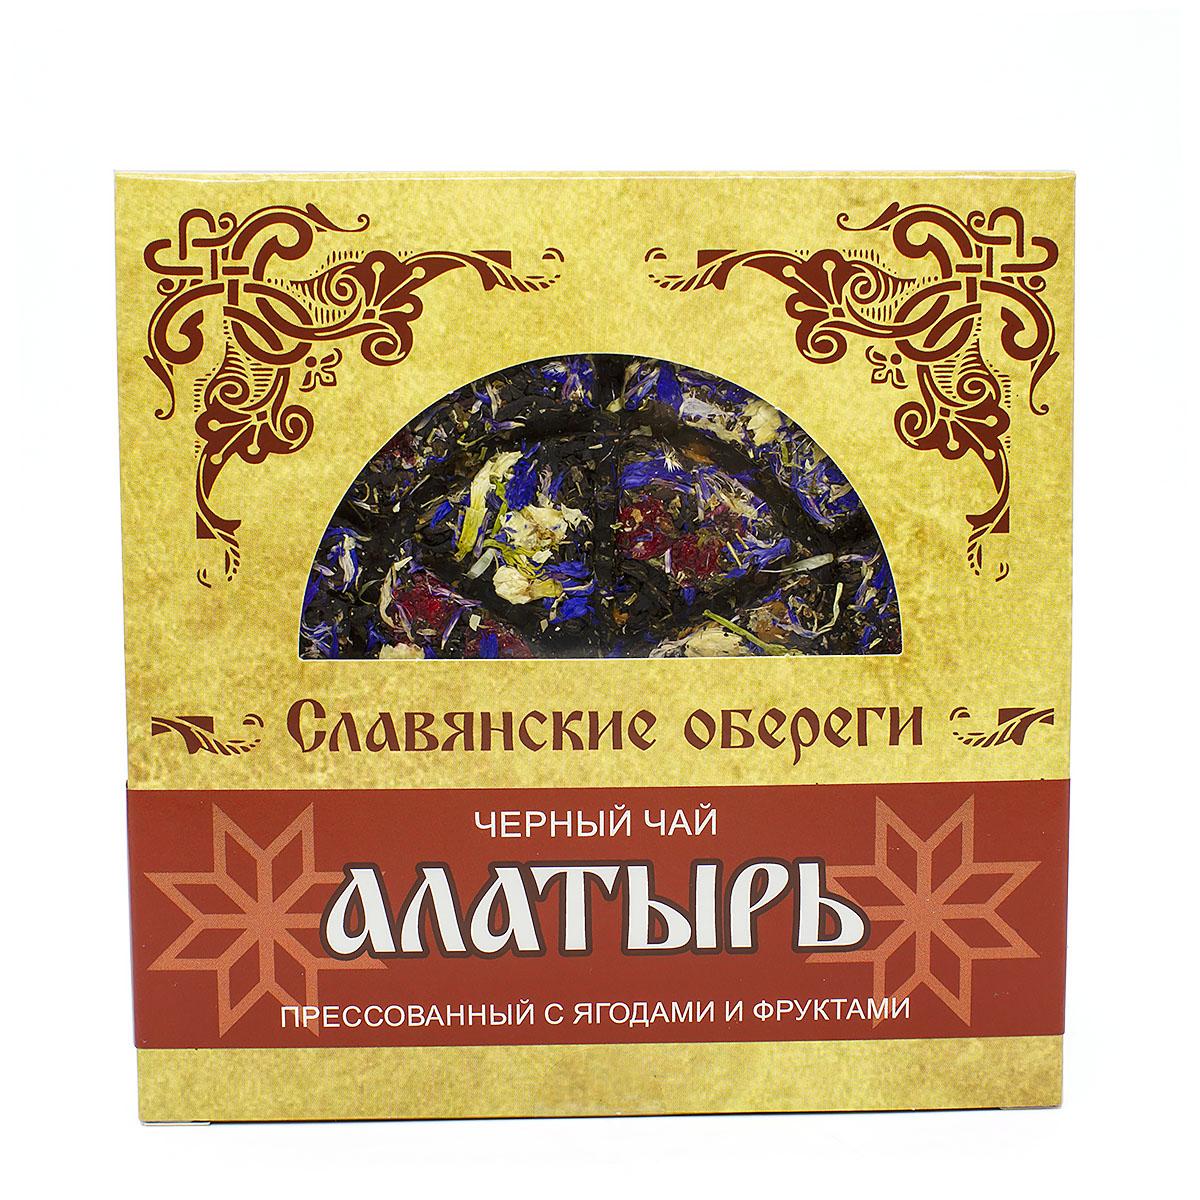 Фото - Чай чёрный Алатырь, прессованный, блин, 125 г чай чёрный вселенная прессованный блин 75 г